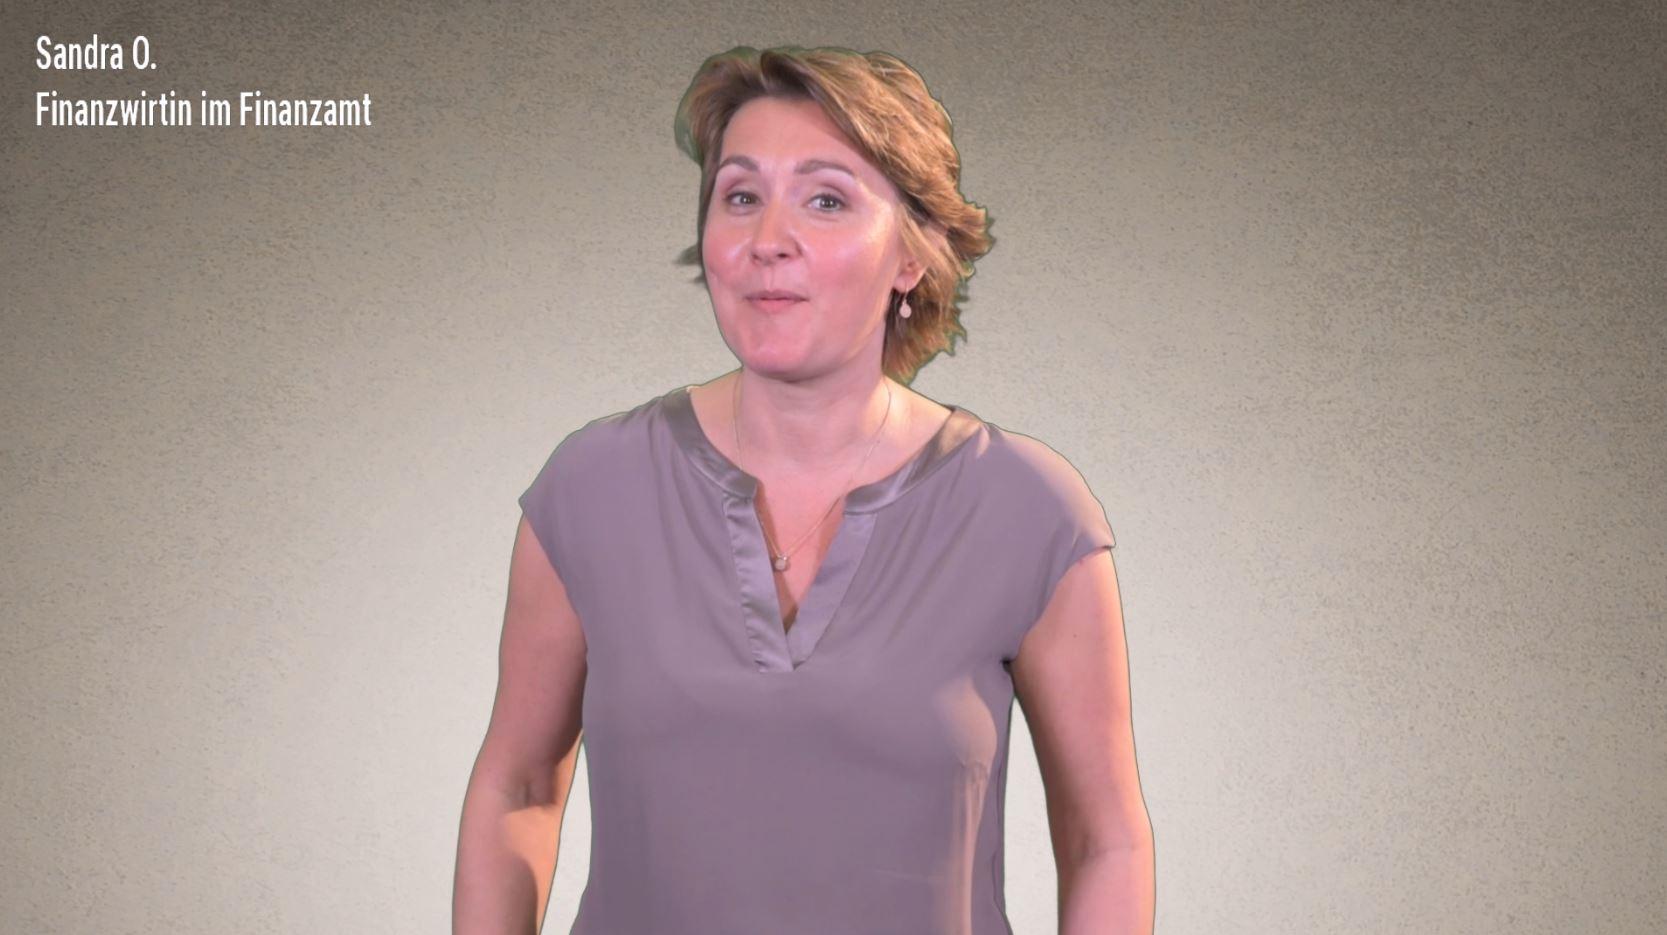 Ministerium der Finanzen NRW – Video